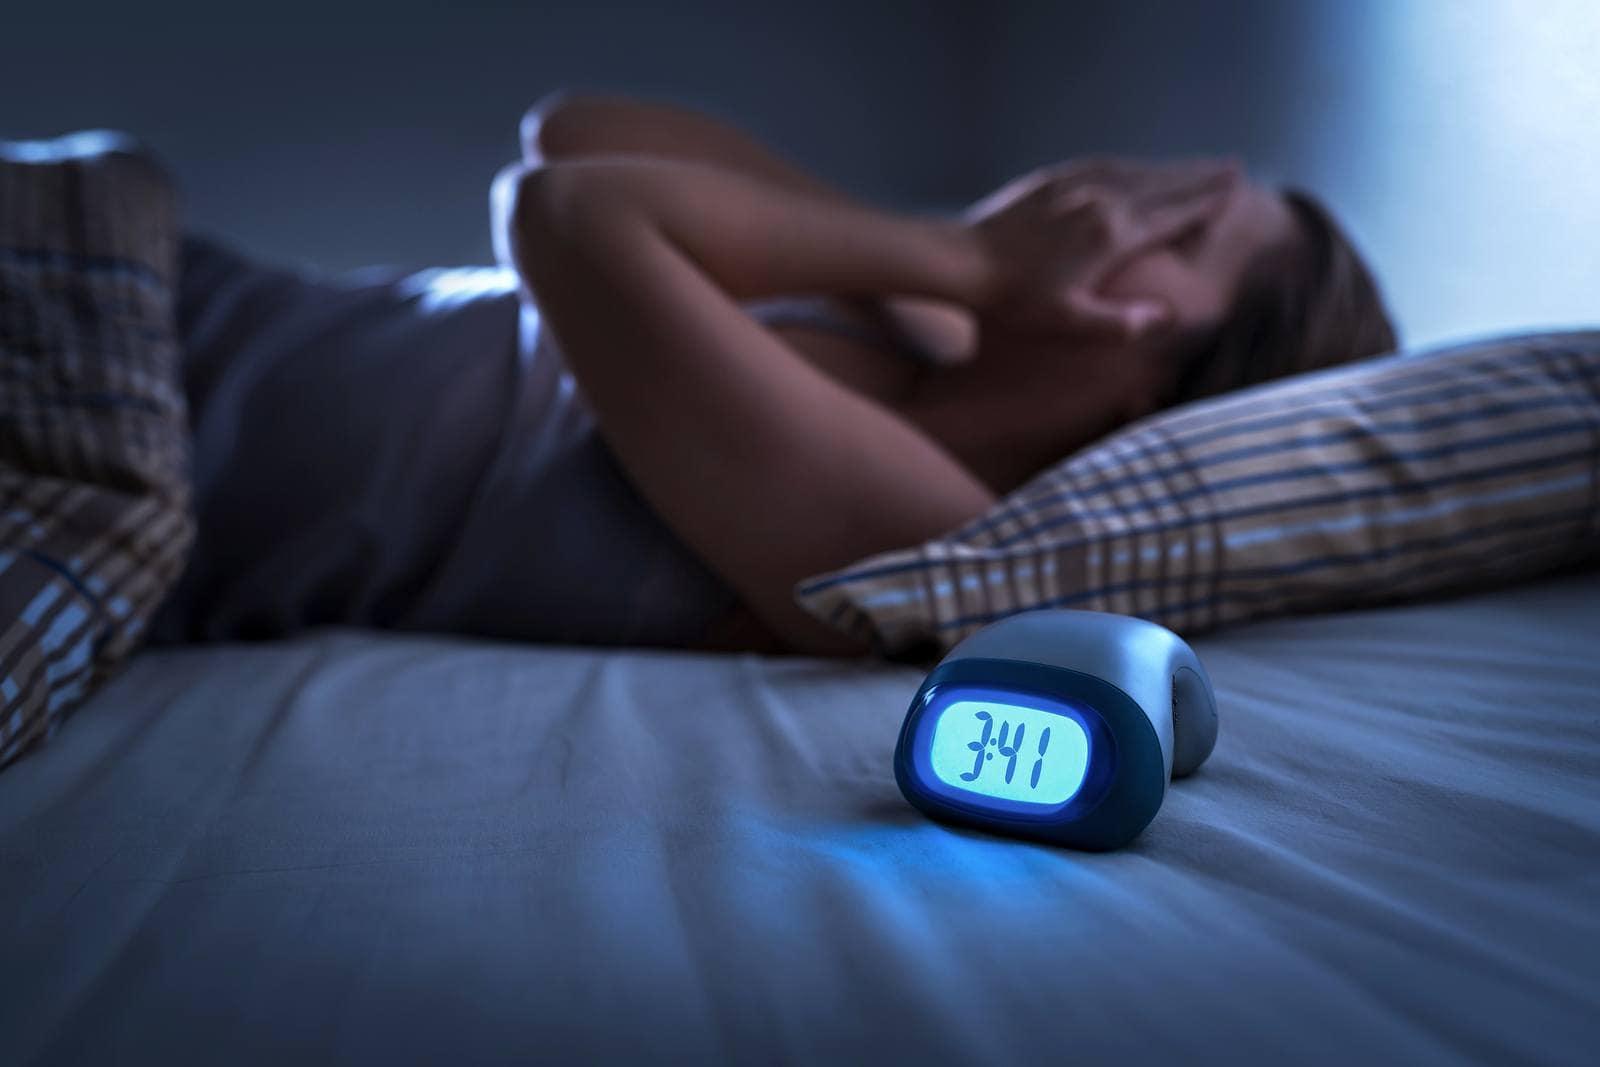 álmatlanság és magas vérnyomás elleni gyógyszer